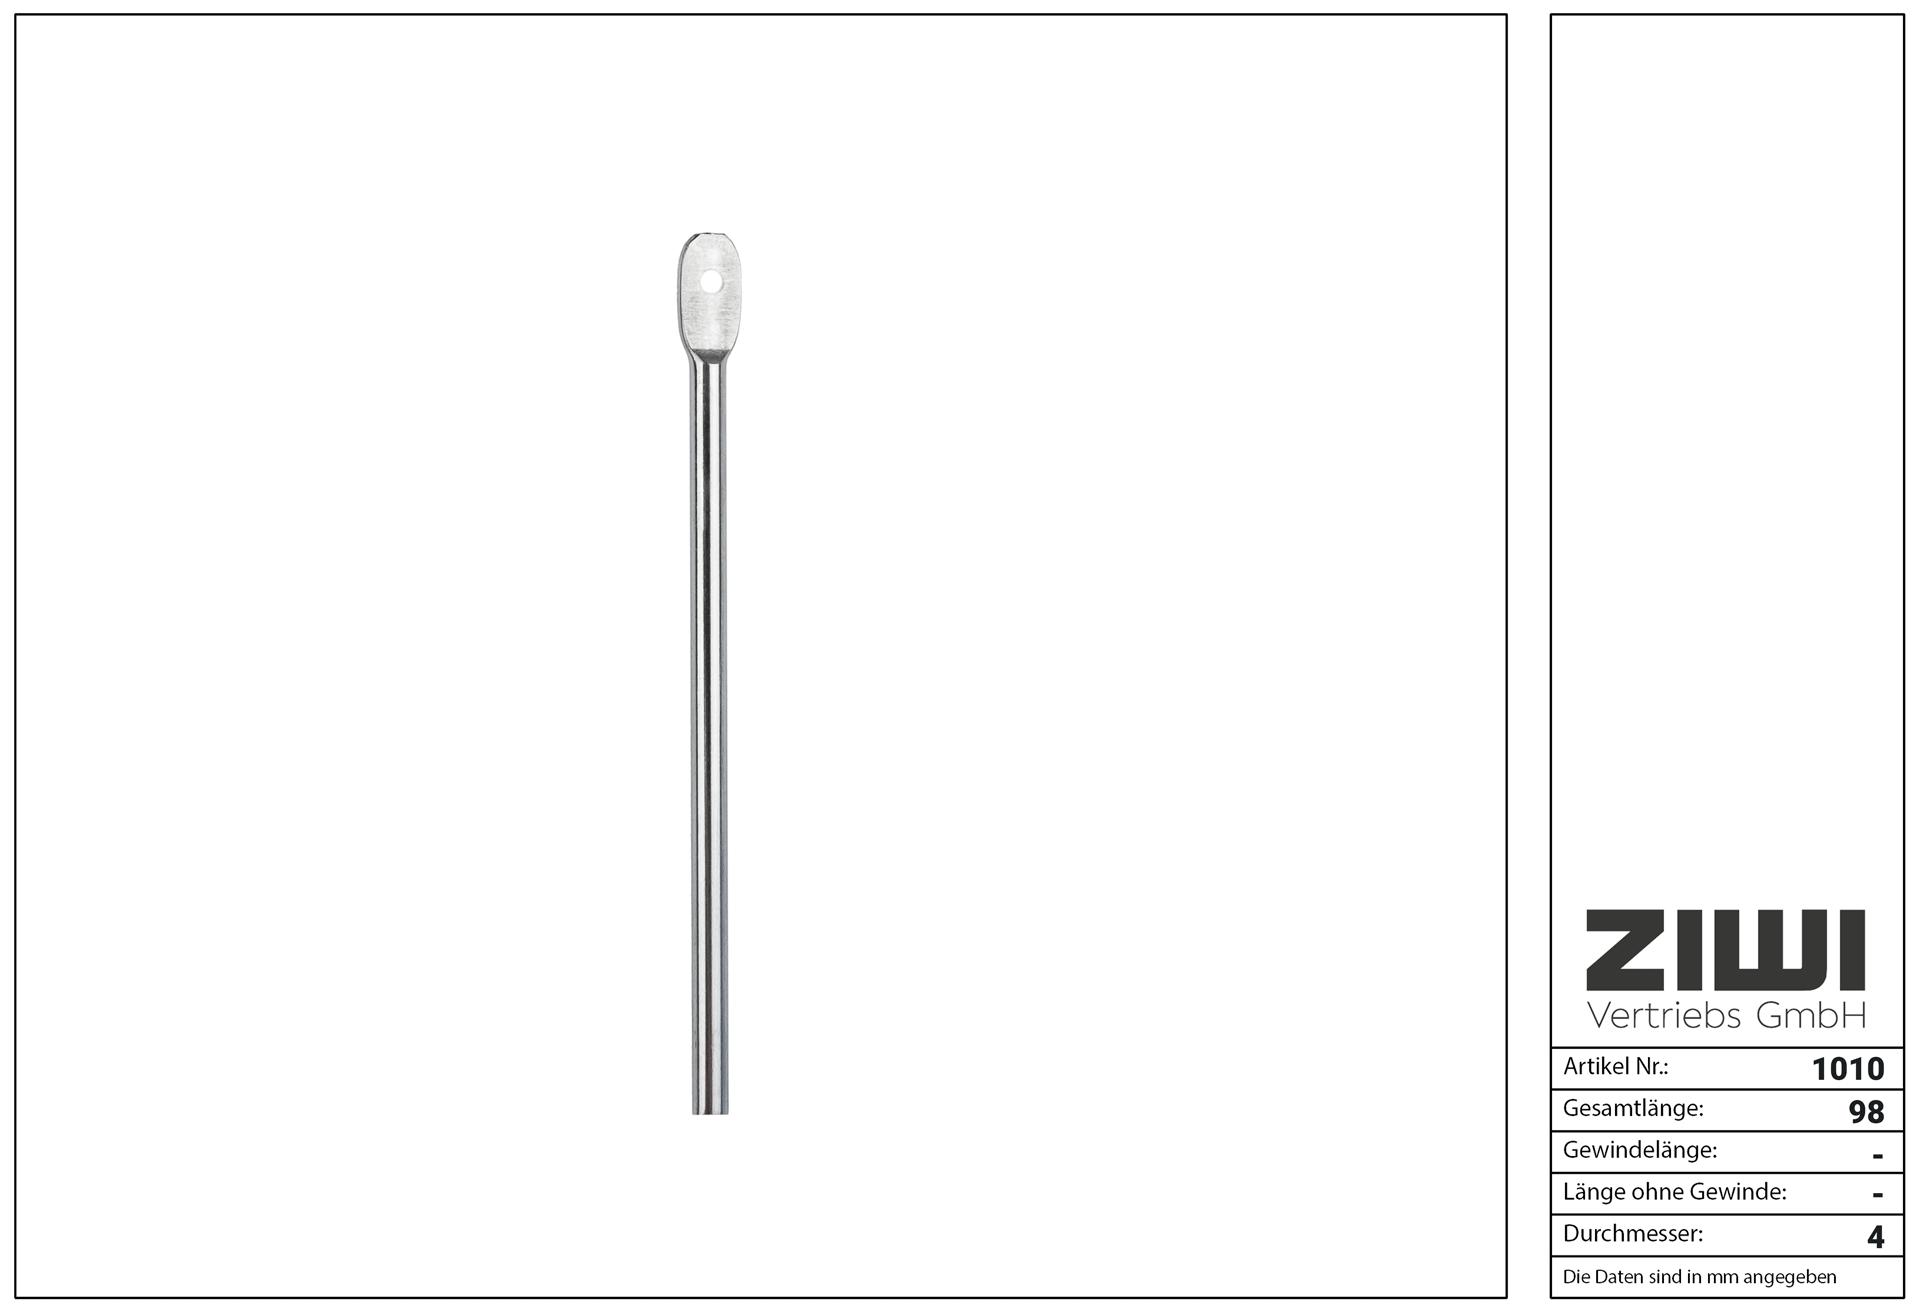 VESPA 1er Pin (ohne Gewinde) aus 1.4301 Edelstahl Rostfrei